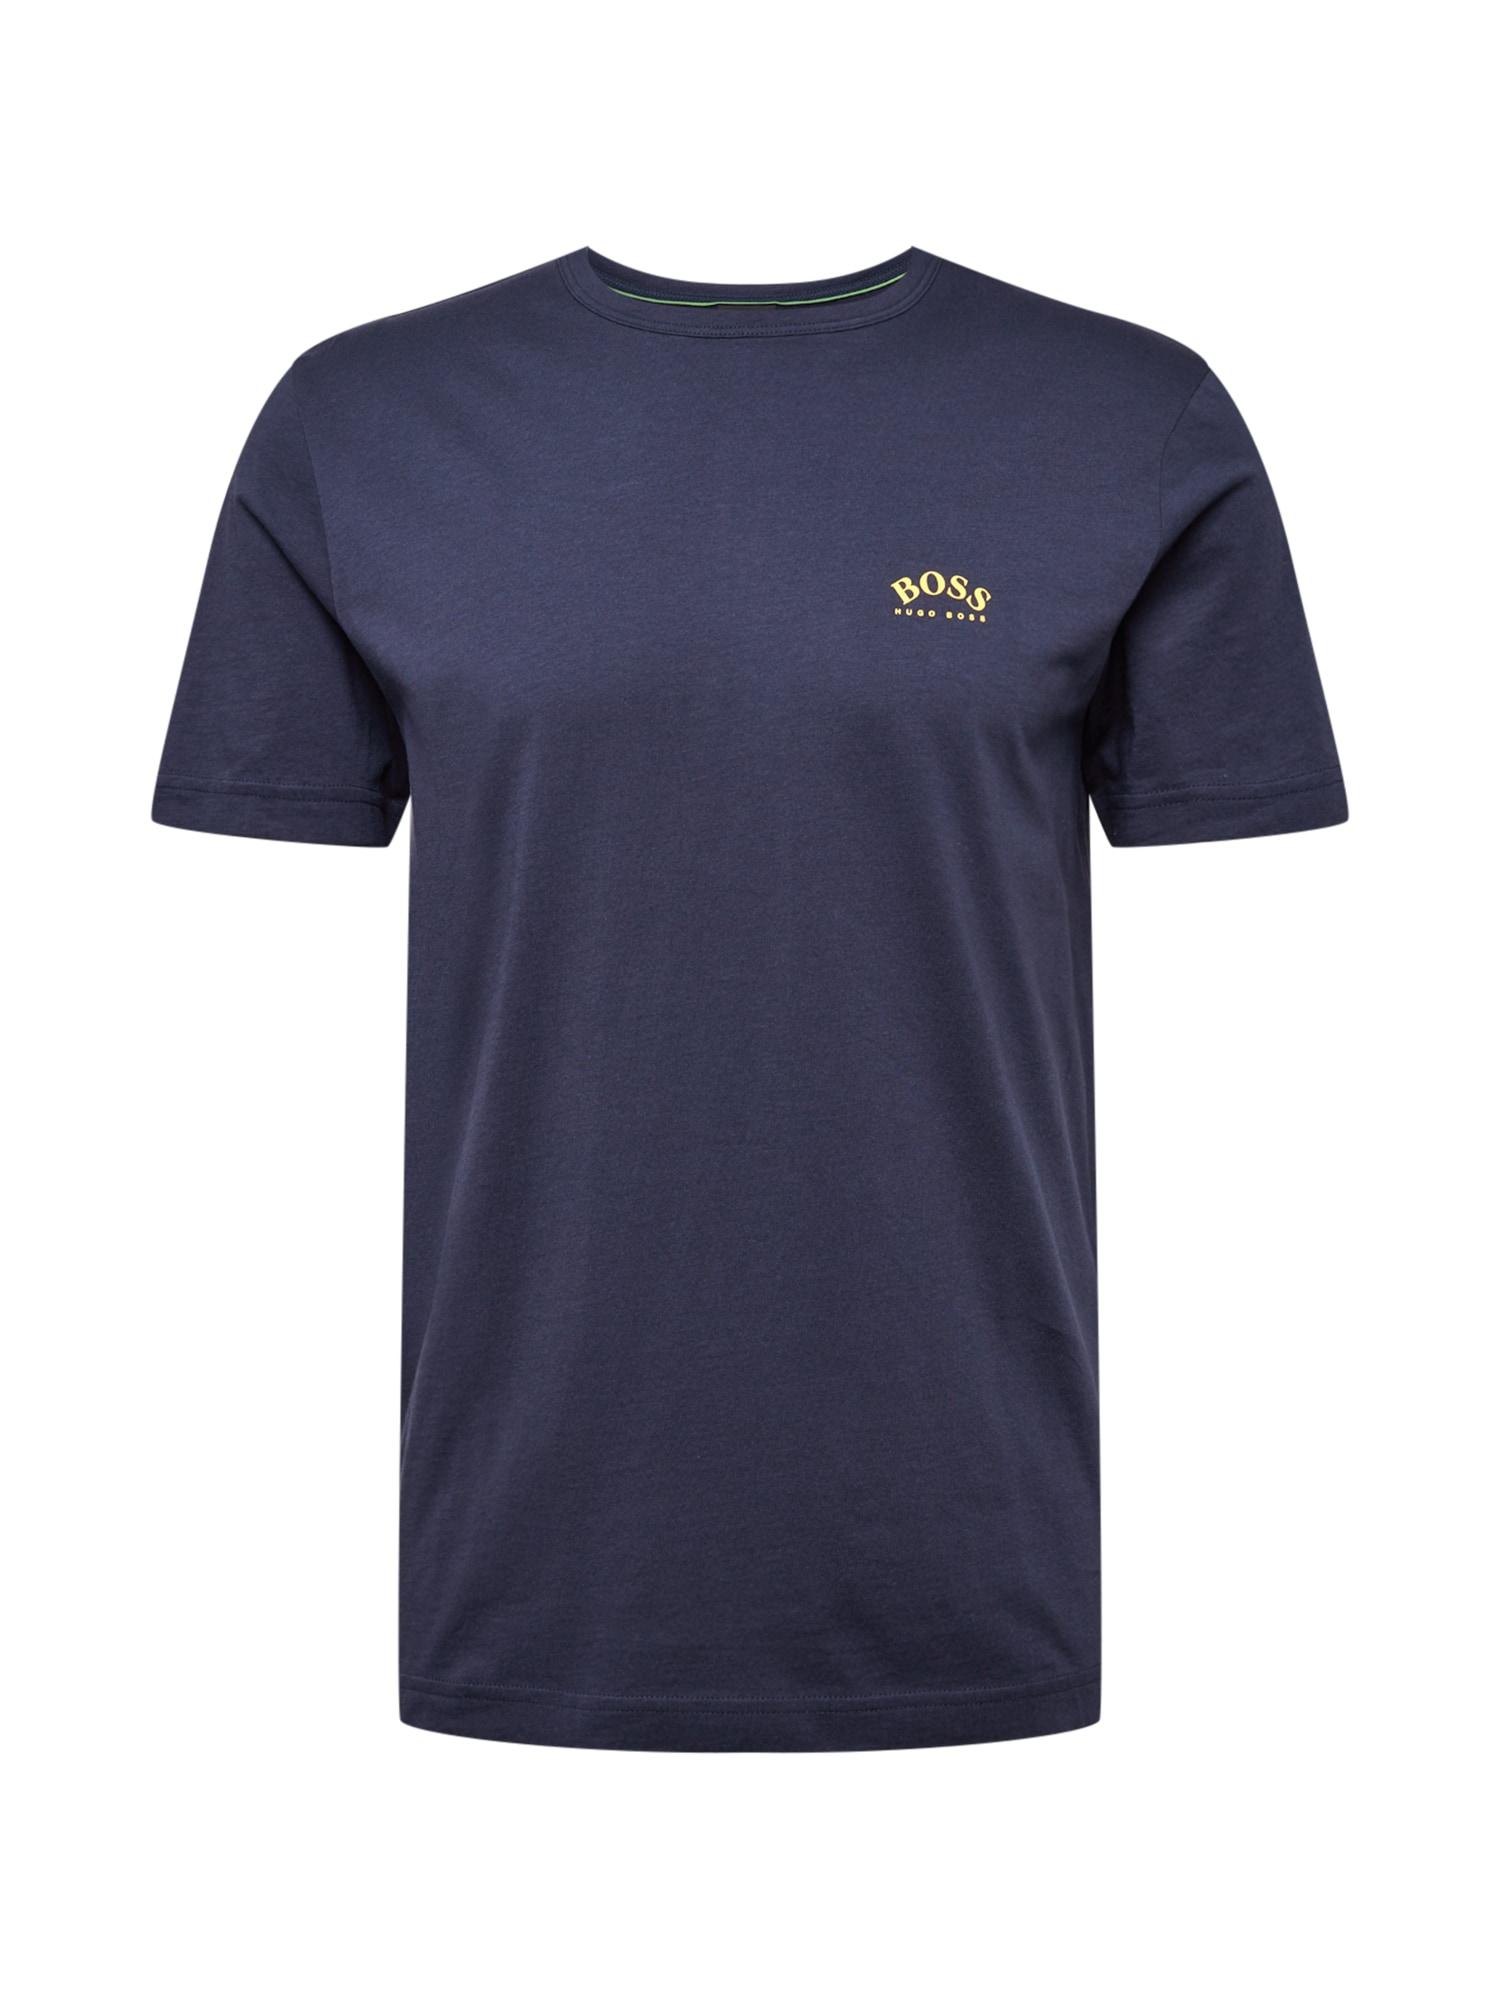 BOSS ATHLEISURE Marškinėliai tamsiai mėlyna / geltona